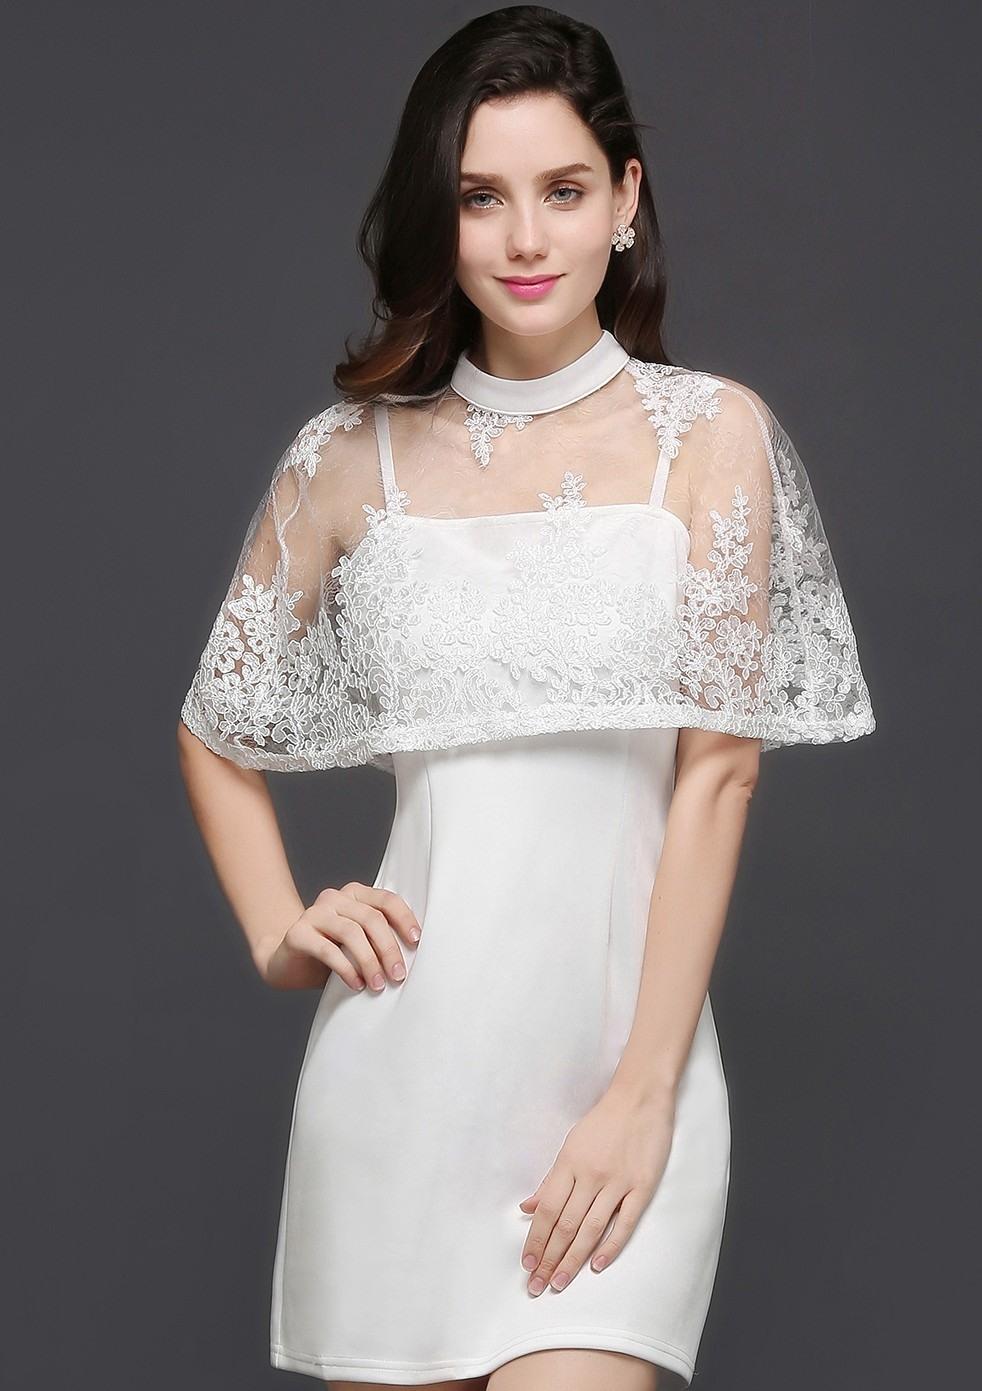 Abend Spektakulär Abendkleid Weiß Kurz VertriebAbend Schön Abendkleid Weiß Kurz Design